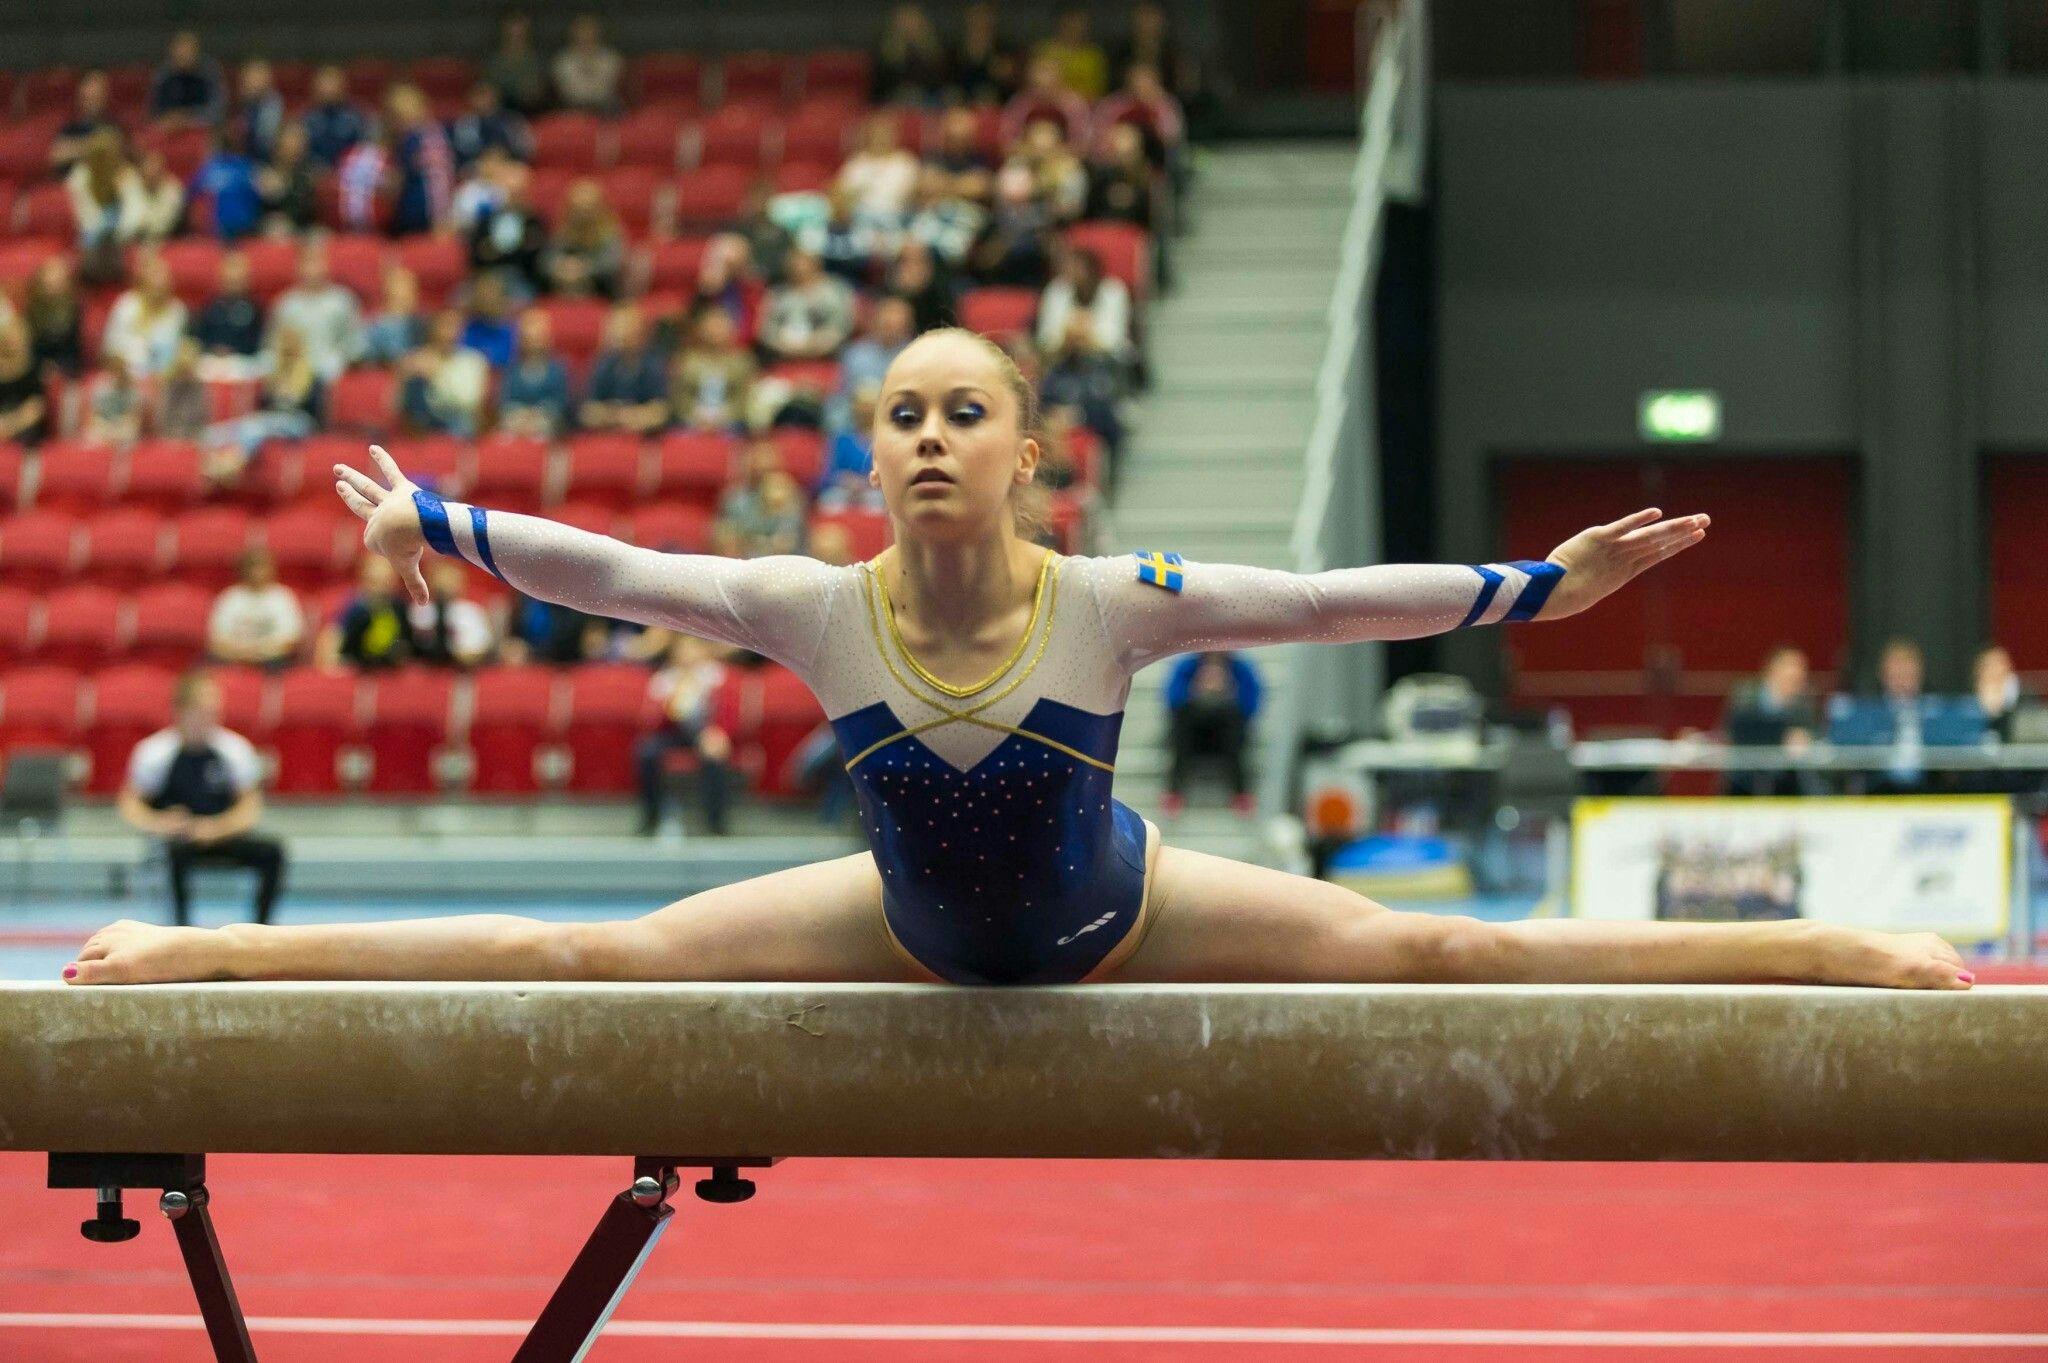 Pin de rhythmic gymnastics em sweden gymnastics Ginastica